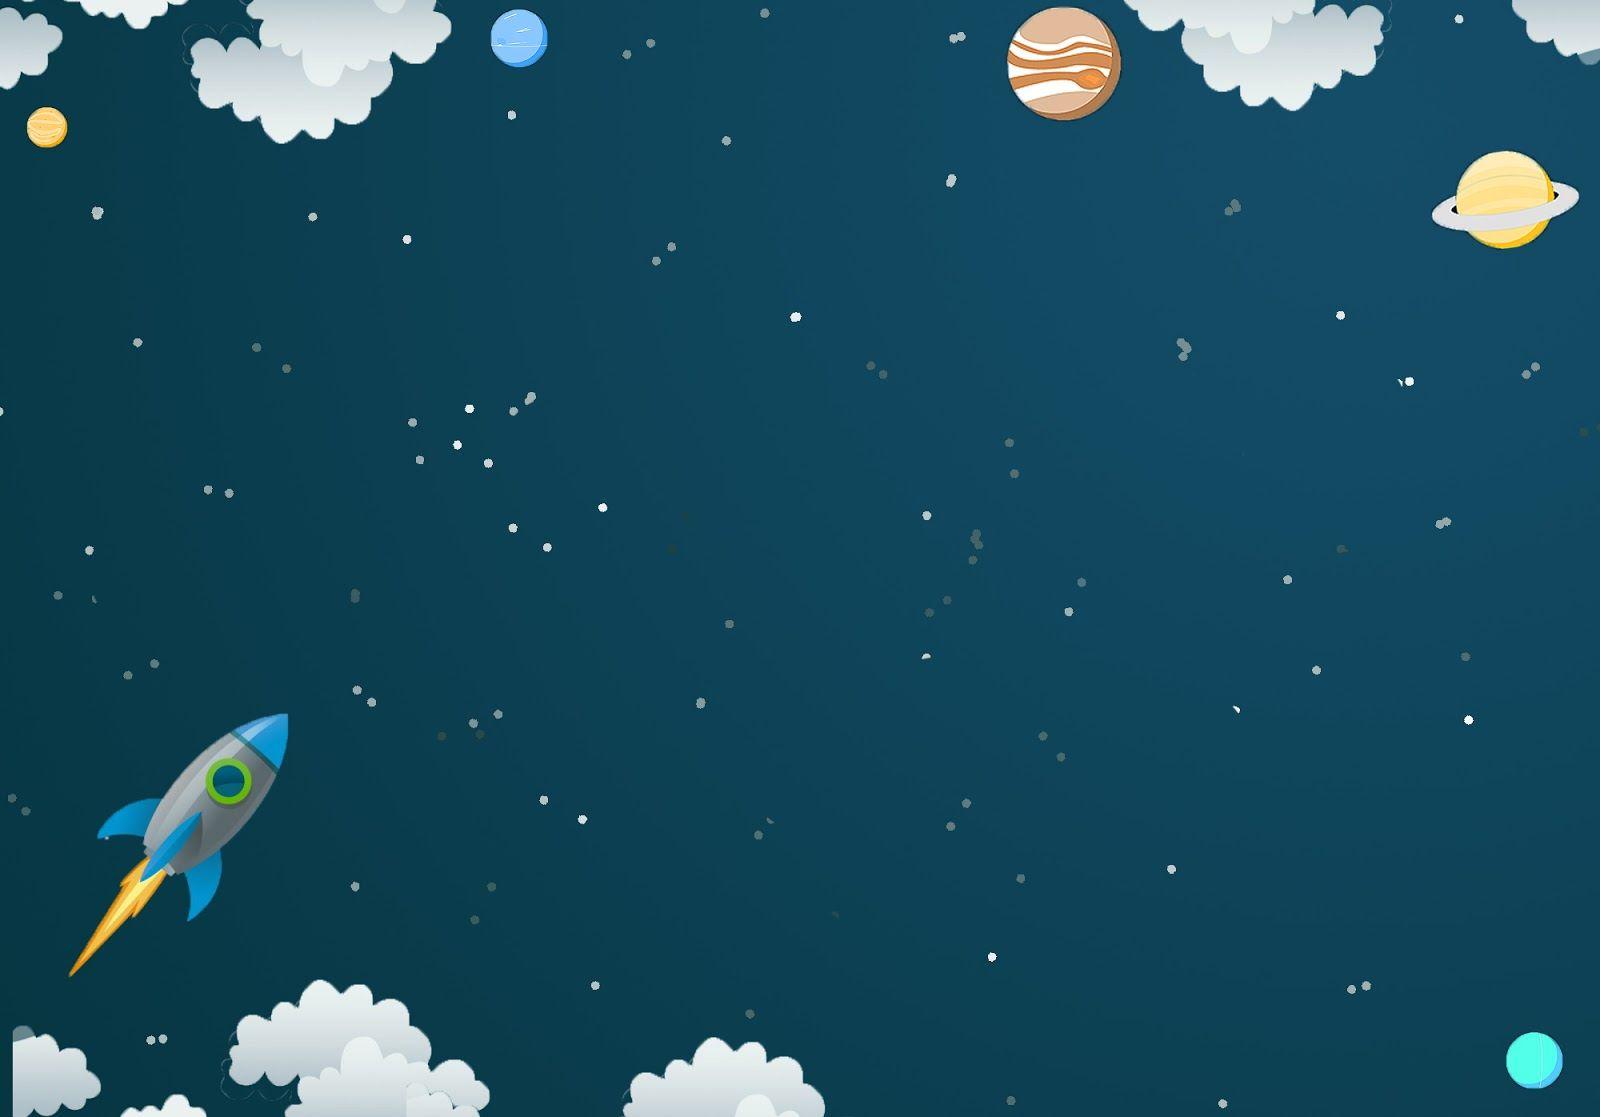 Hình ảnh background bầu trời ngoài không gian